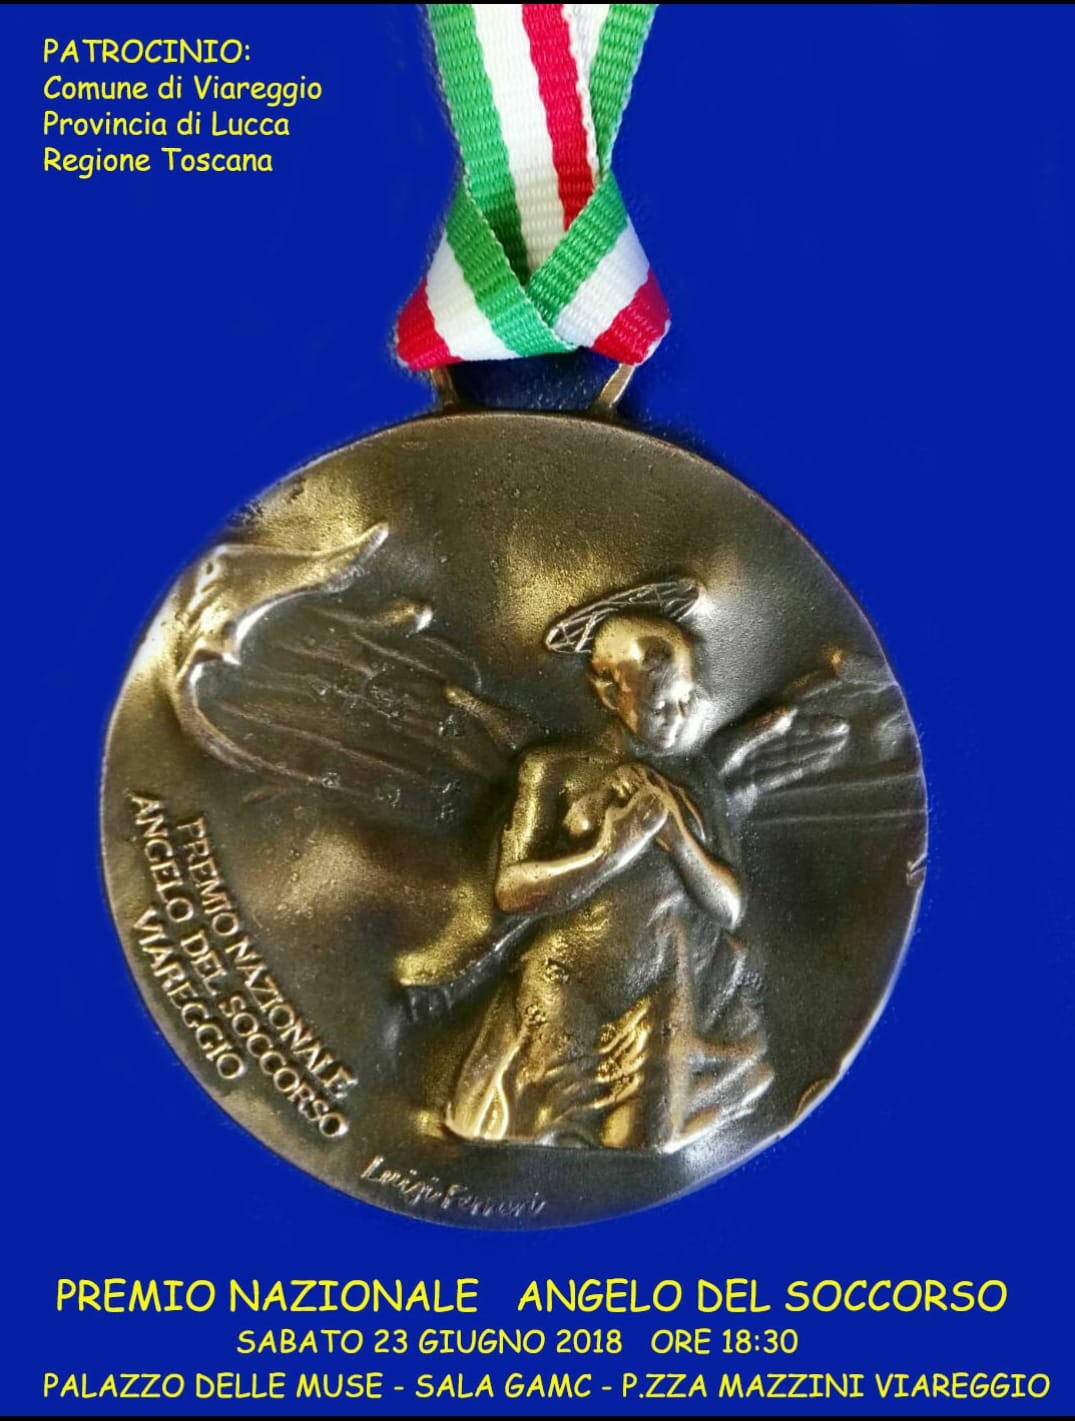 Strage ferroviaria, a Viareggio il Premio Nazionale Angelo del Soccorso: un ricordo per Milziade Caprili